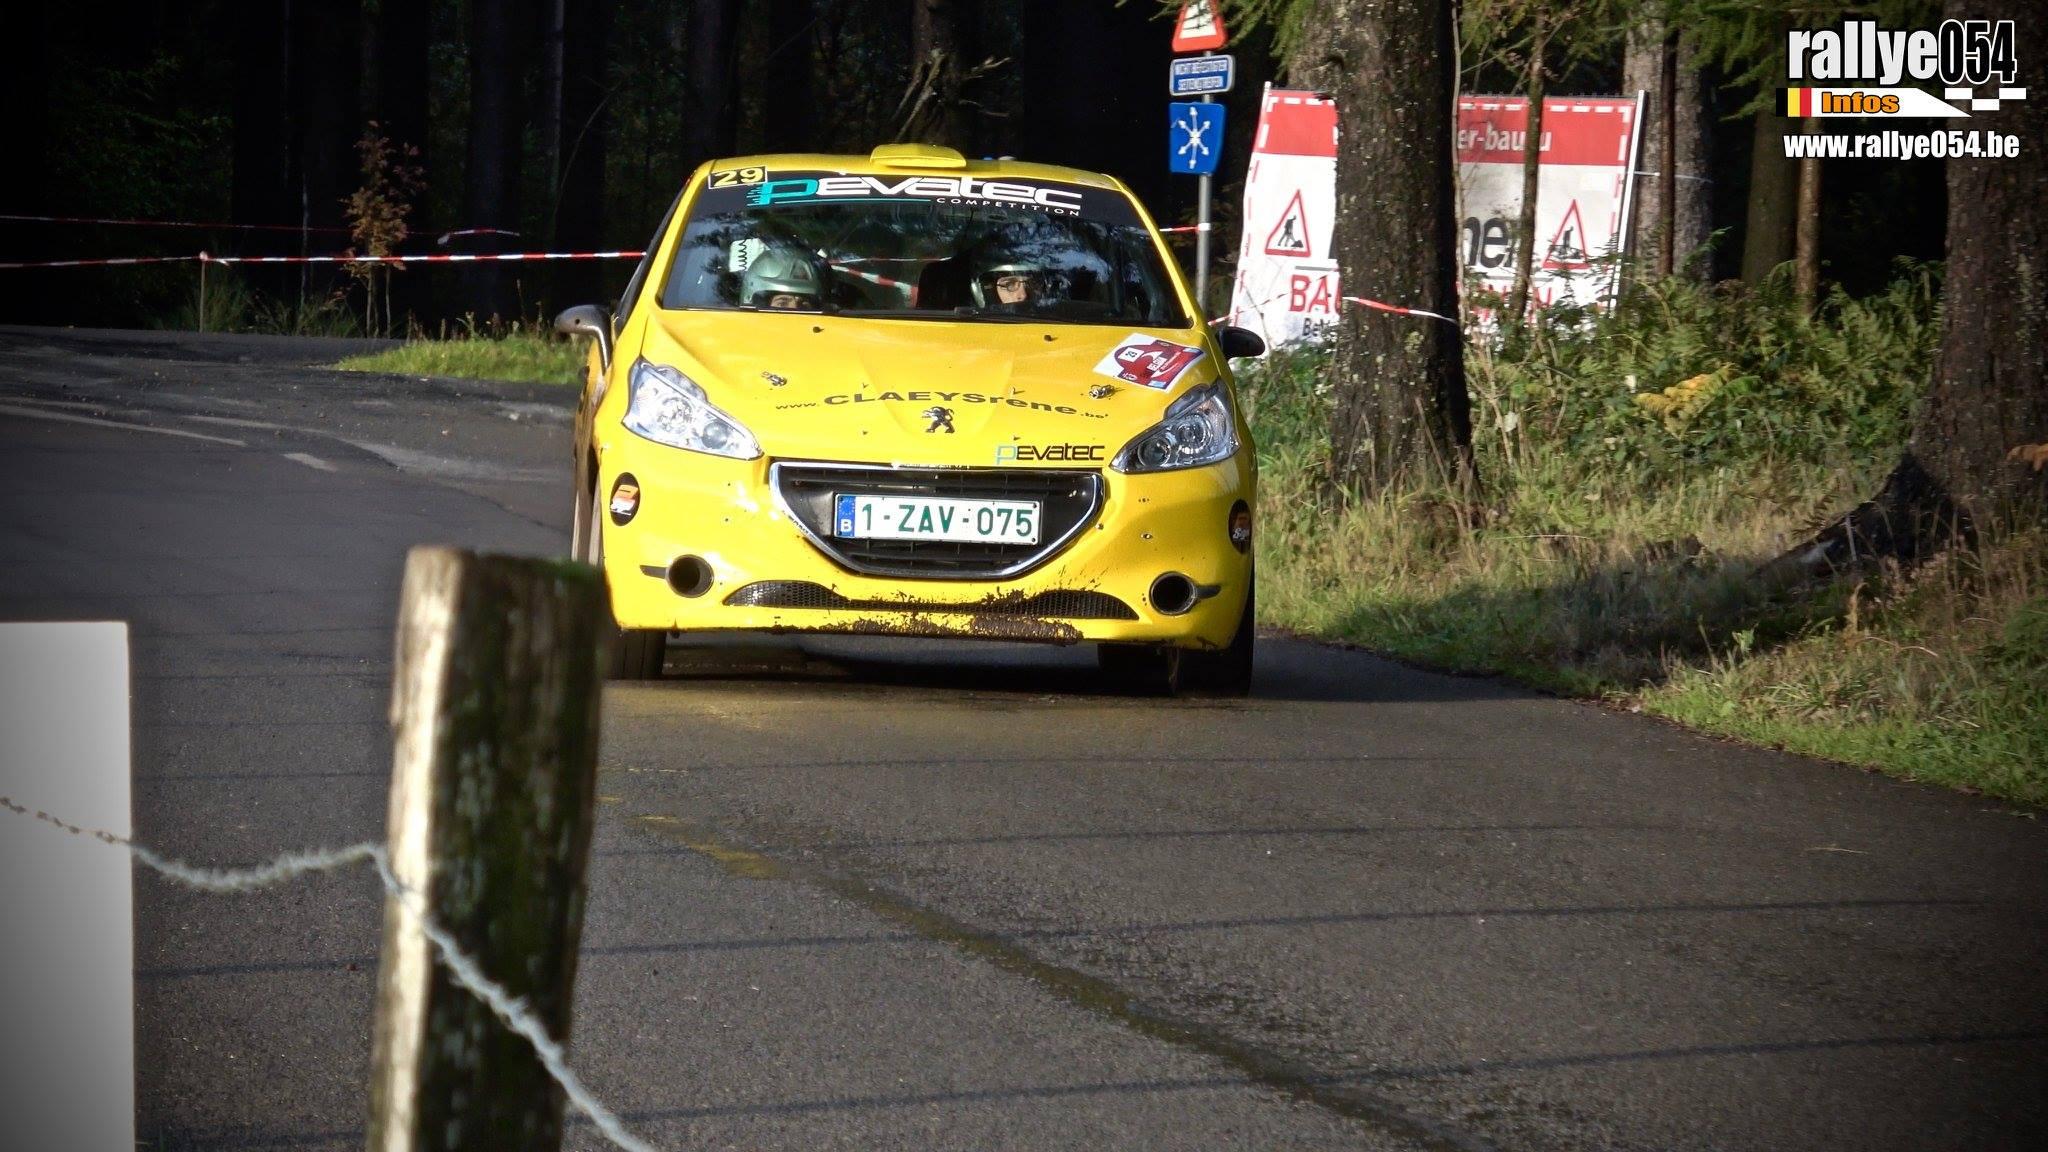 East Belgian Rally 2017 Bedoret